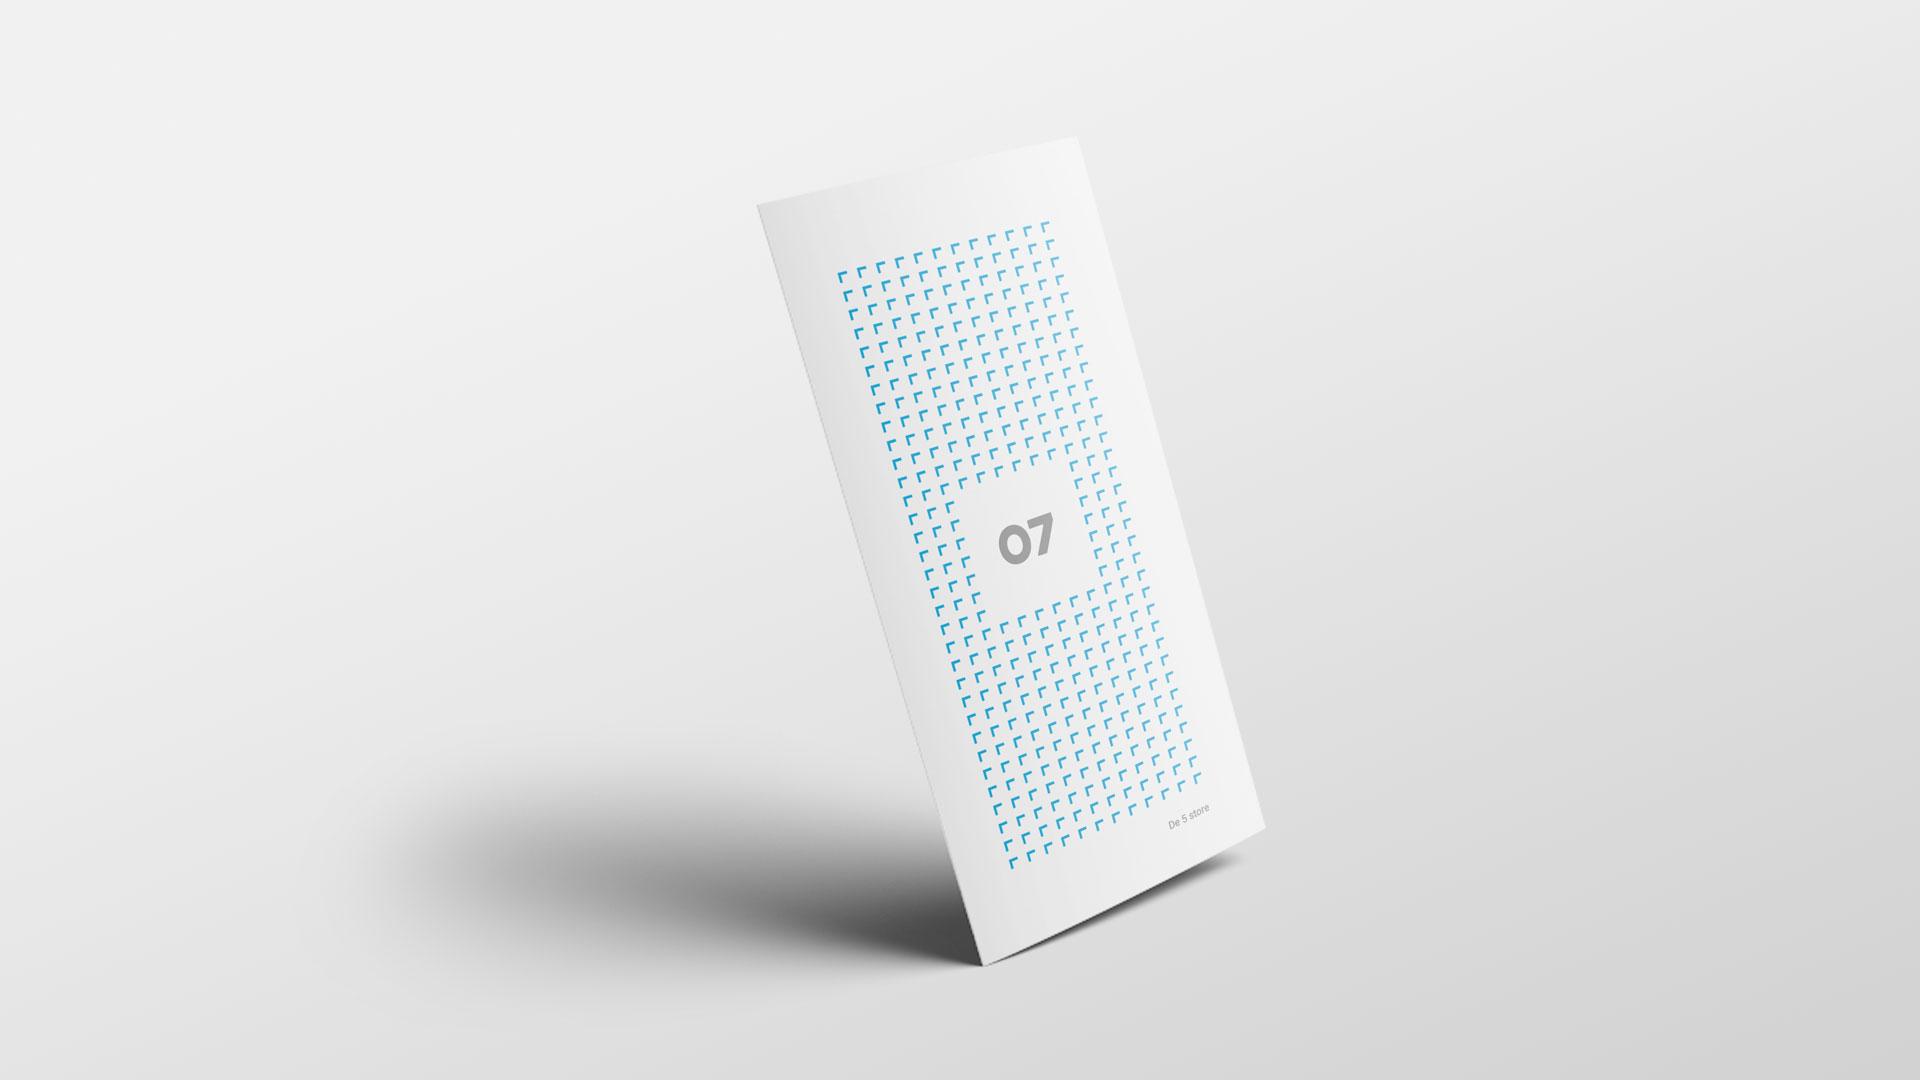 En stående brosjyre med 07 sitt design. Illustrasjonsbilde.